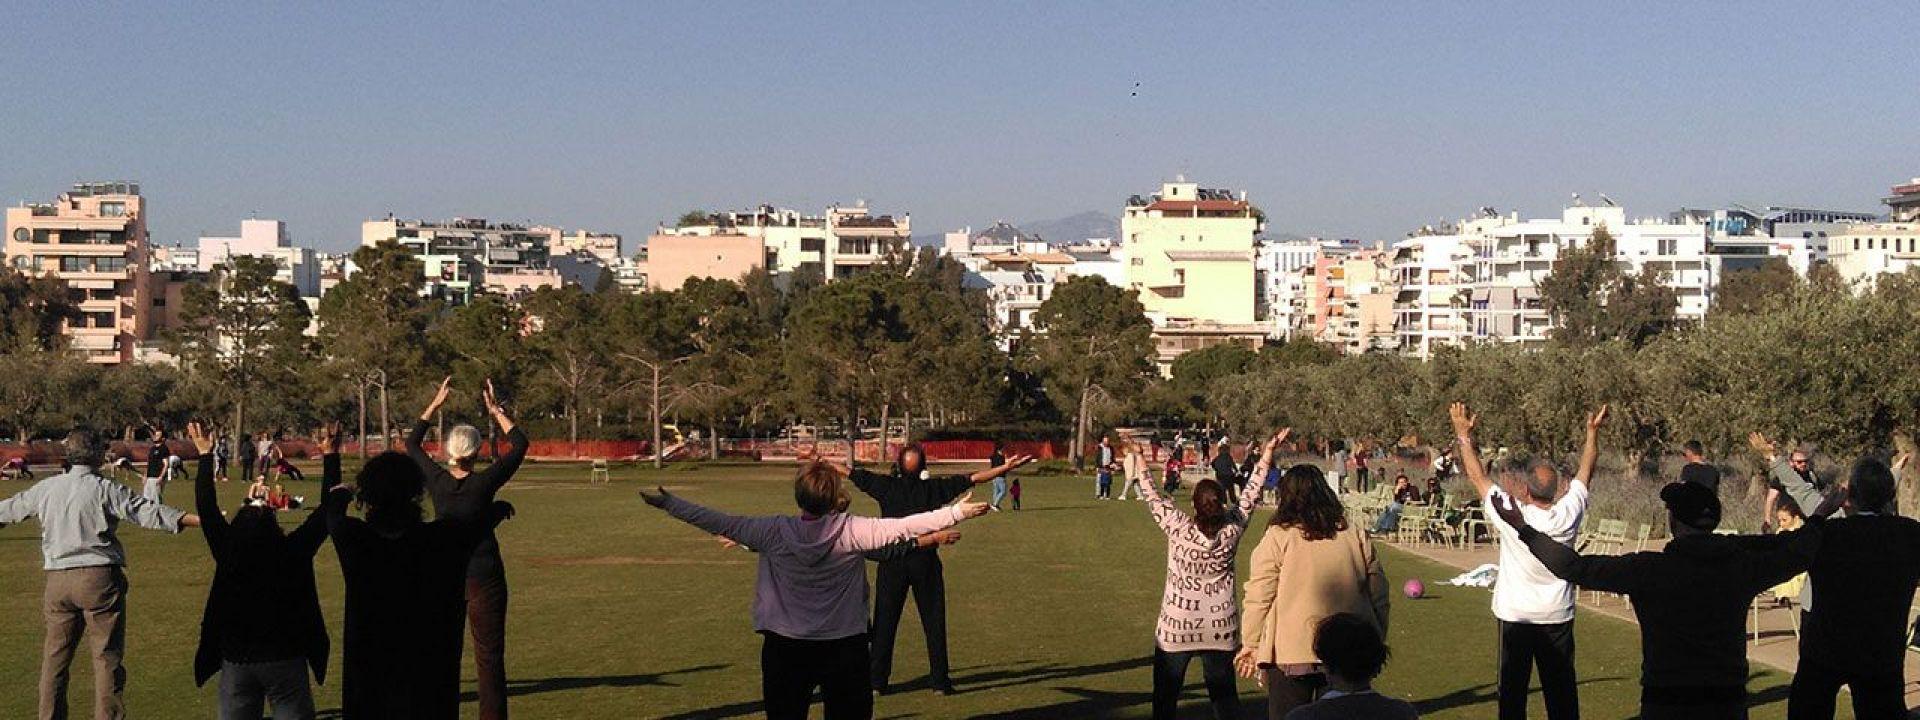 Φωτογραφία που απεικονίζει ανθρώπους που αθλούνται στο Πάρκο Σταύρος Νιάρχος